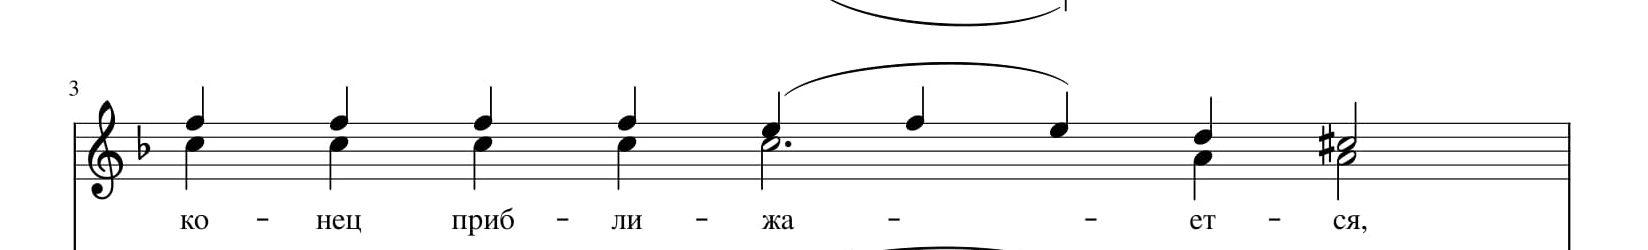 Кондак по 6 песни Великого канона. 6 глас